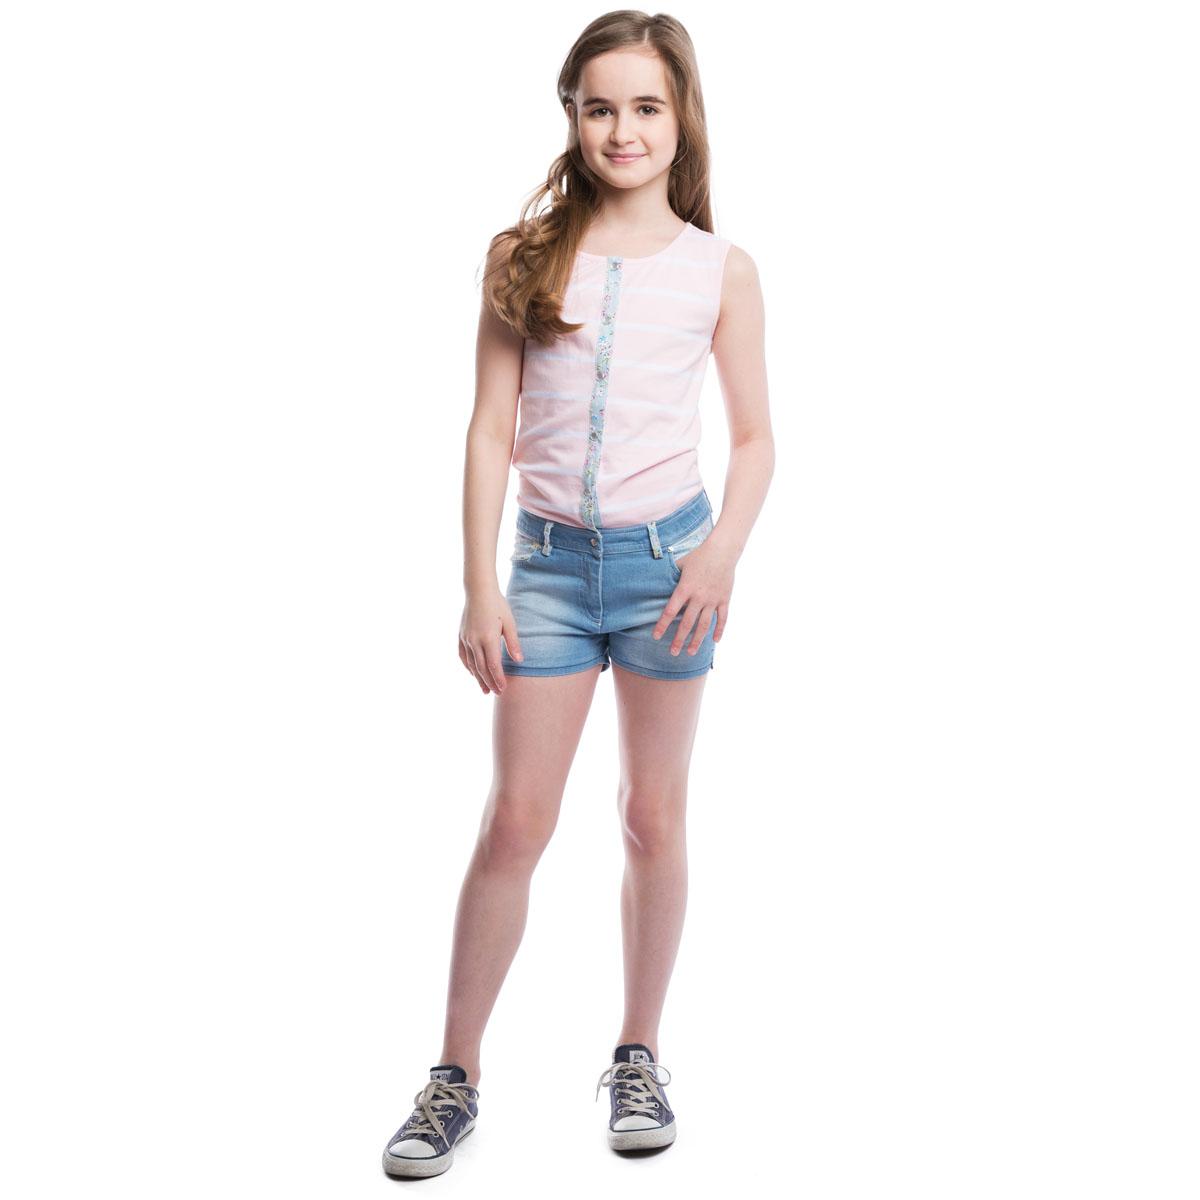 Комбинезон264006Стильный полукомбинезон для девочки выполнен в виде майки с джинсовыми шортиками. Изготовленный из эластичного хлопка полукомбинезон без рукавов и с круглым вырезом горловины застегивается на перламутровые пуговки, шортики имеют ширинку-молнию, благодаря чему он надежно и удобно сидит. Спереди модель дополнена двумя втачными кармашками, а сзади - двумя накладными карманами, украшенными фигурными прострочками. Имеются шлевки для ремня.